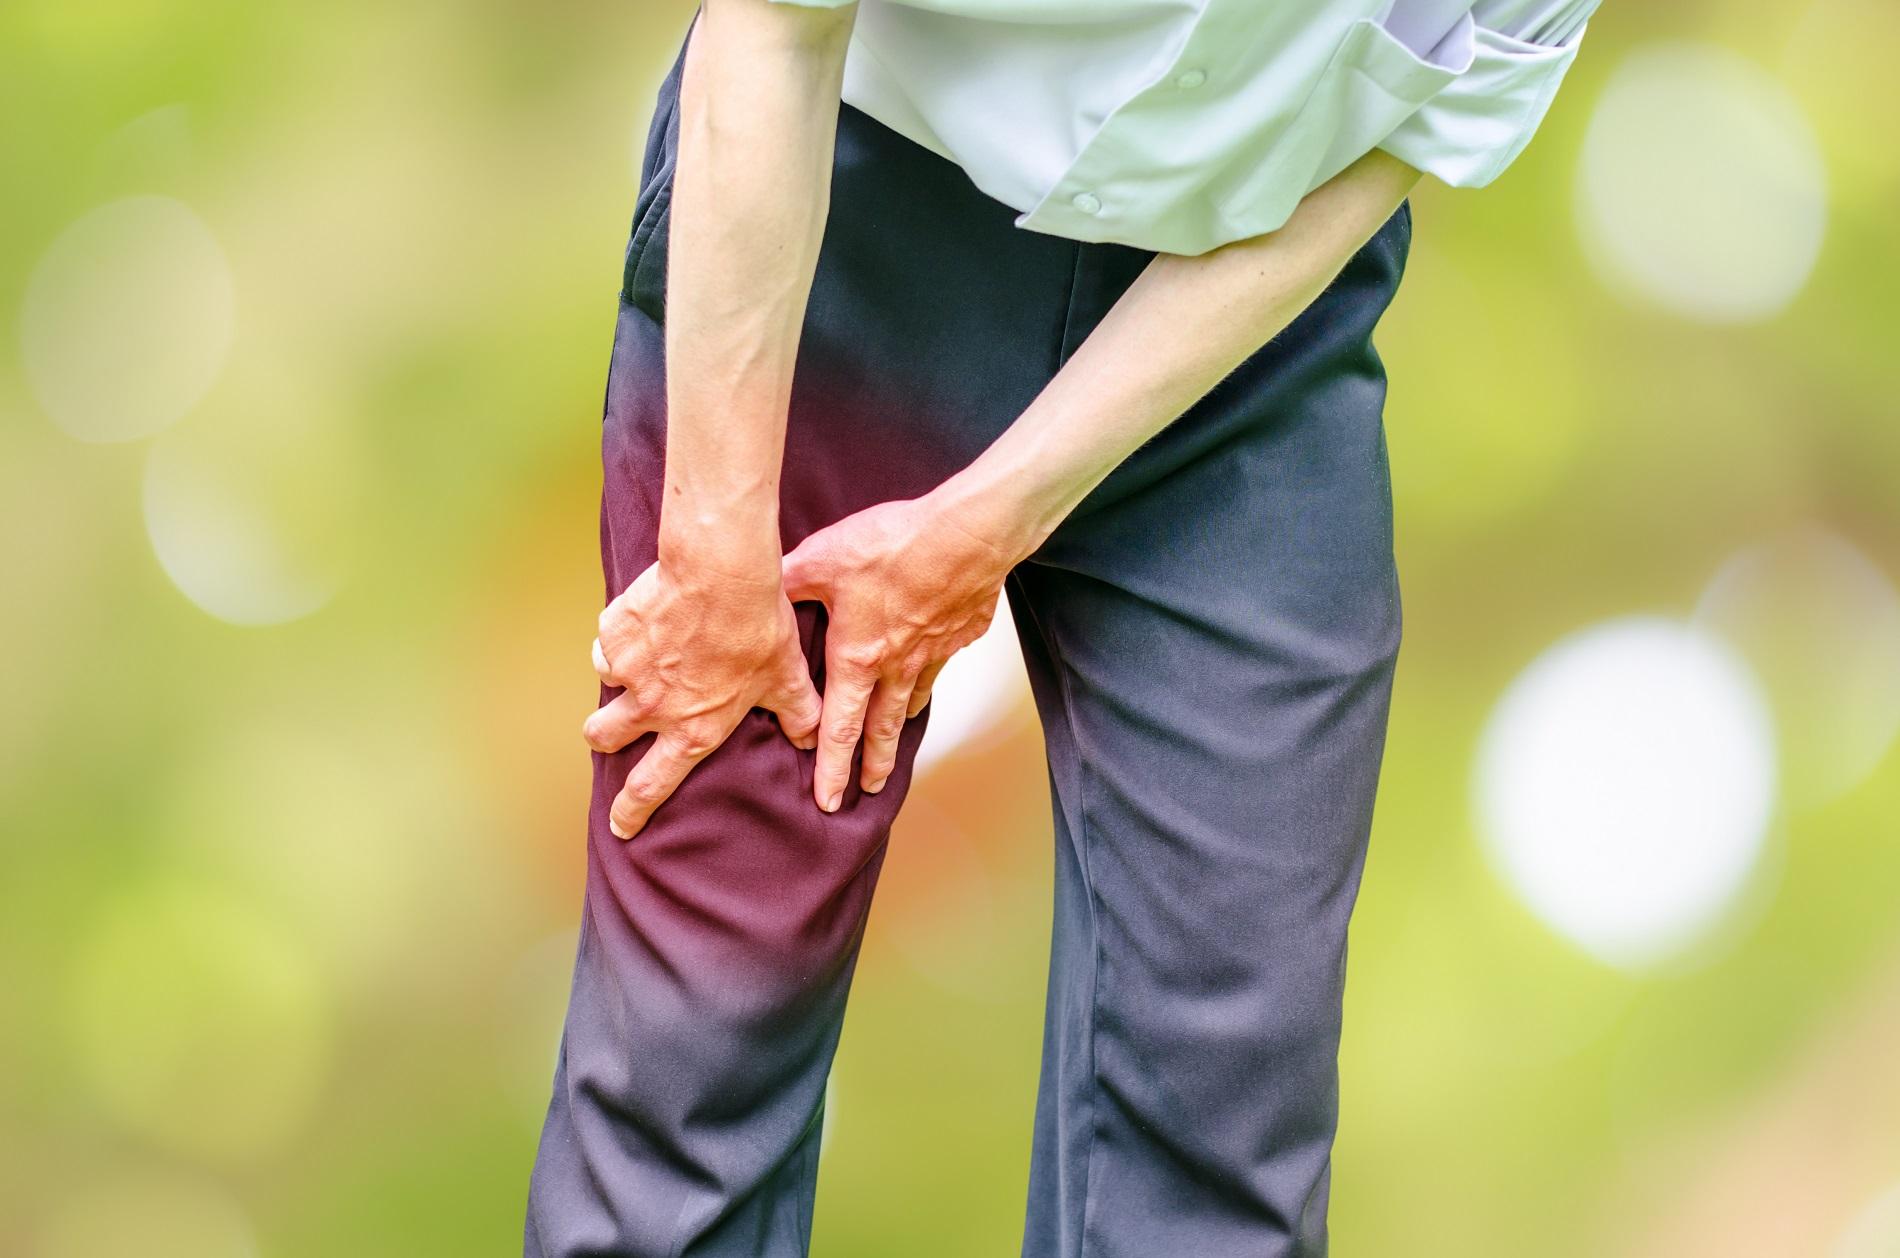 hideg térdízület kezelése mi az ízületek osteochondrosis